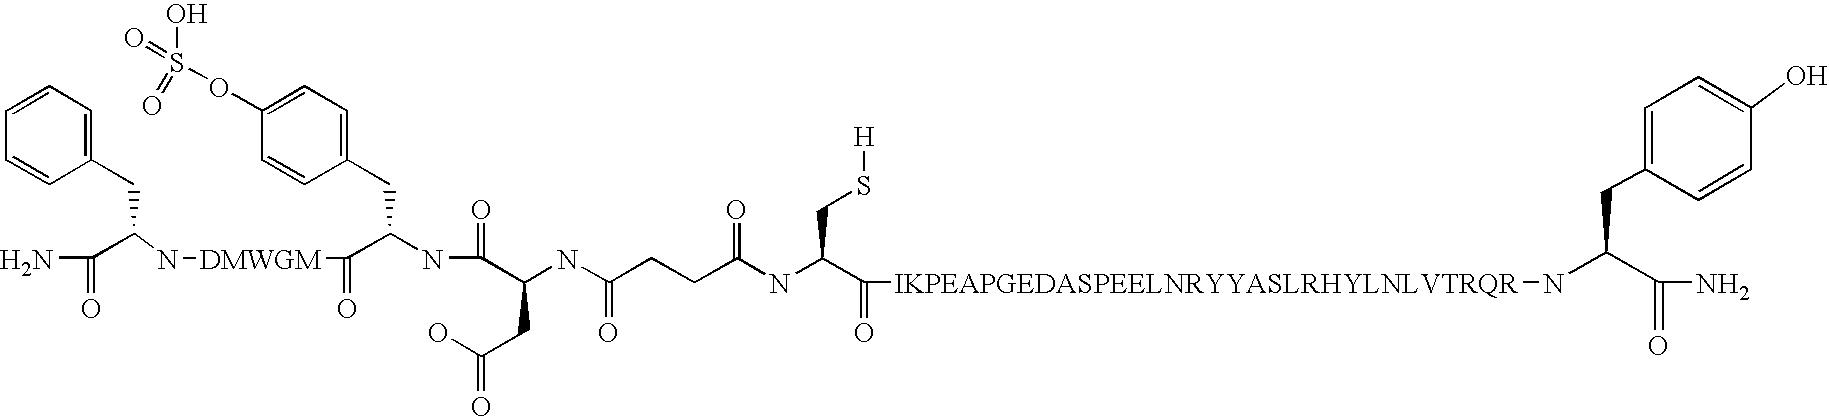 Figure US20060293232A1-20061228-C00002